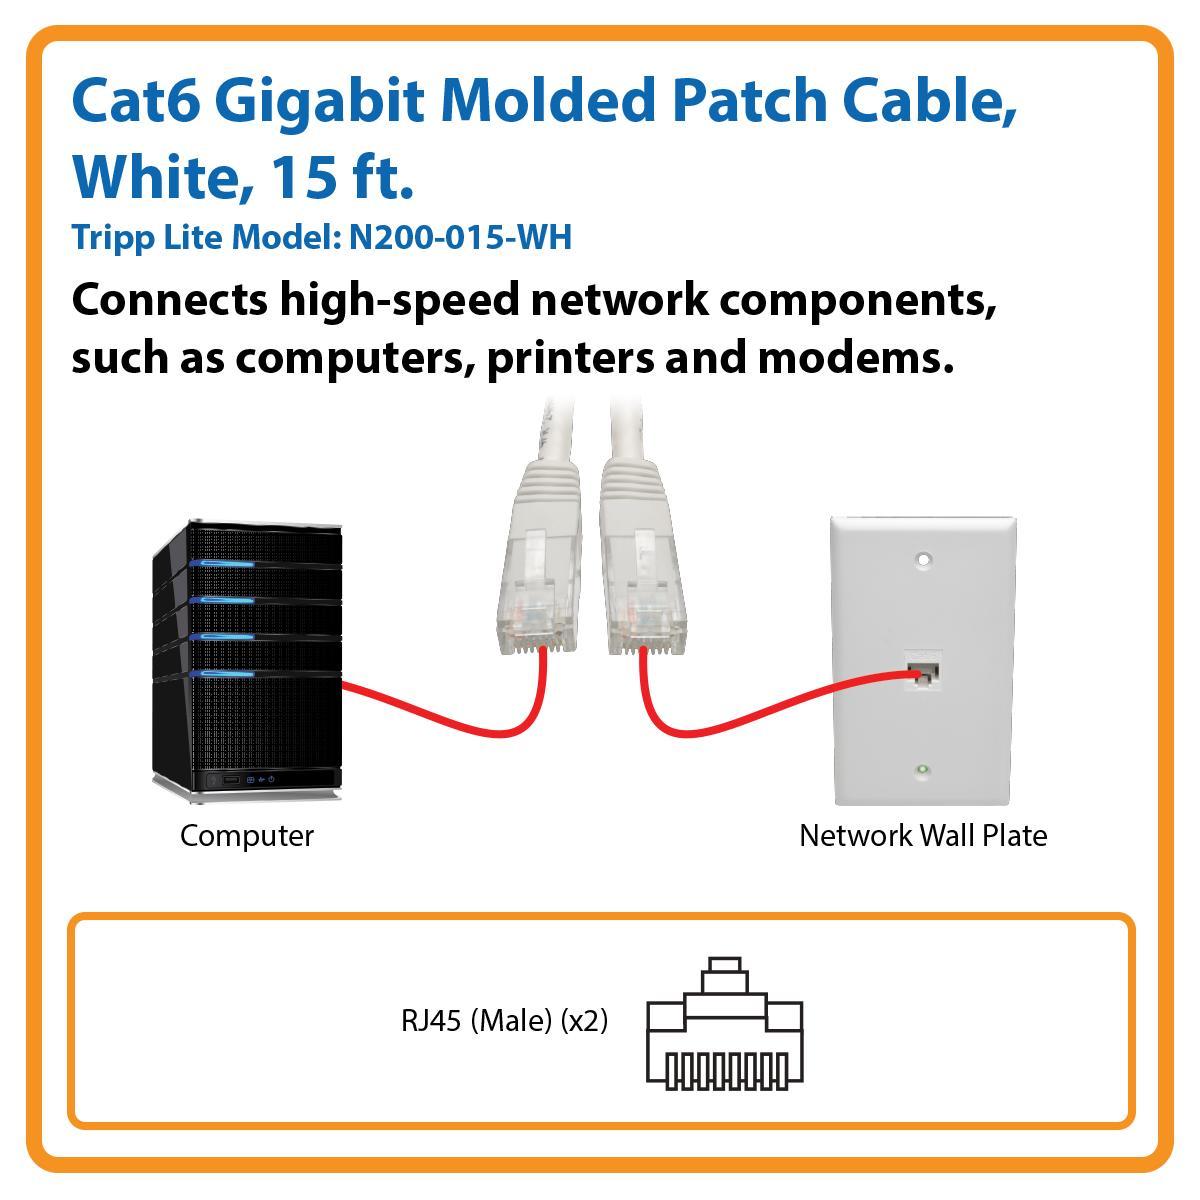 Rj45 Wiring Diagram Gigabit